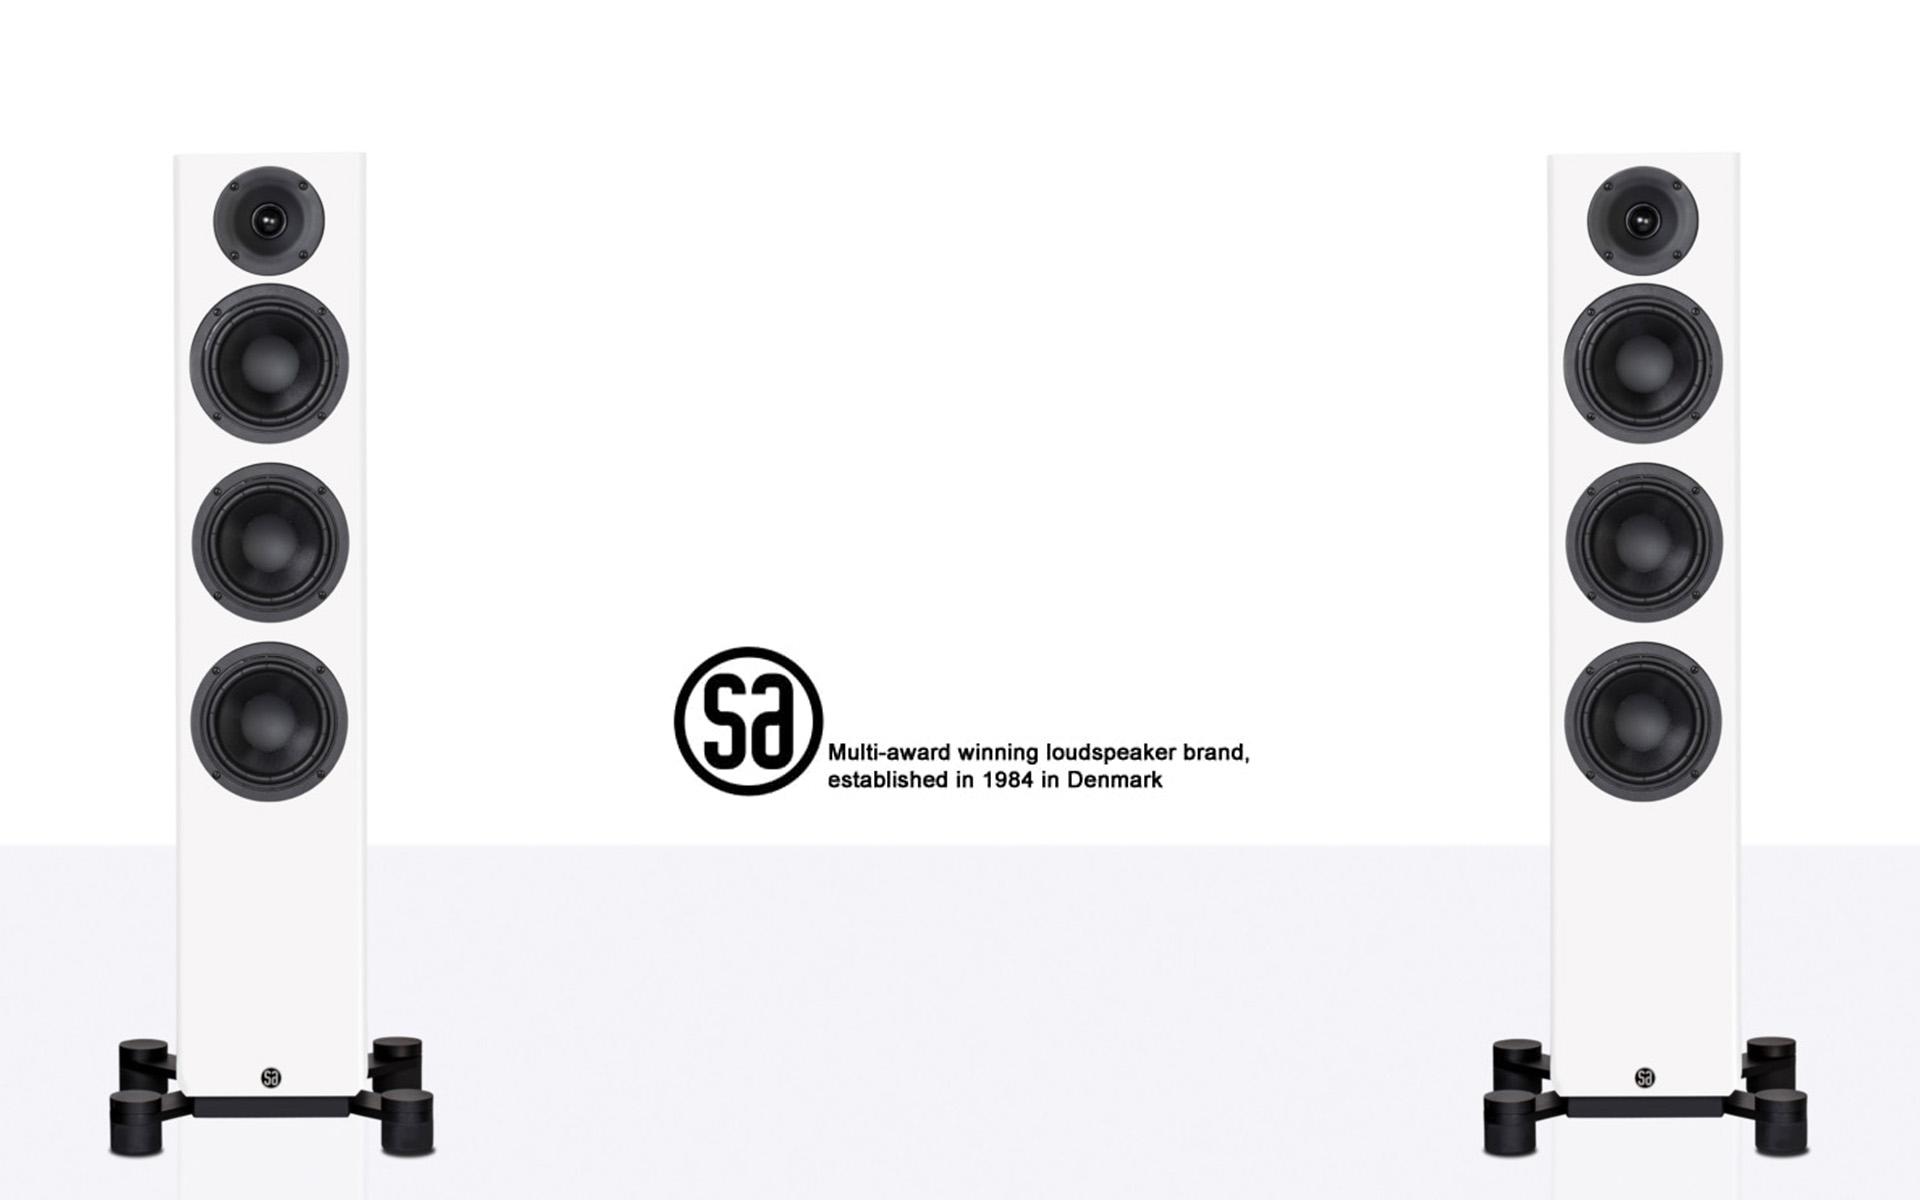 Флагманская модель серии SA legend поставляется в чёрной или белой матовой отделке